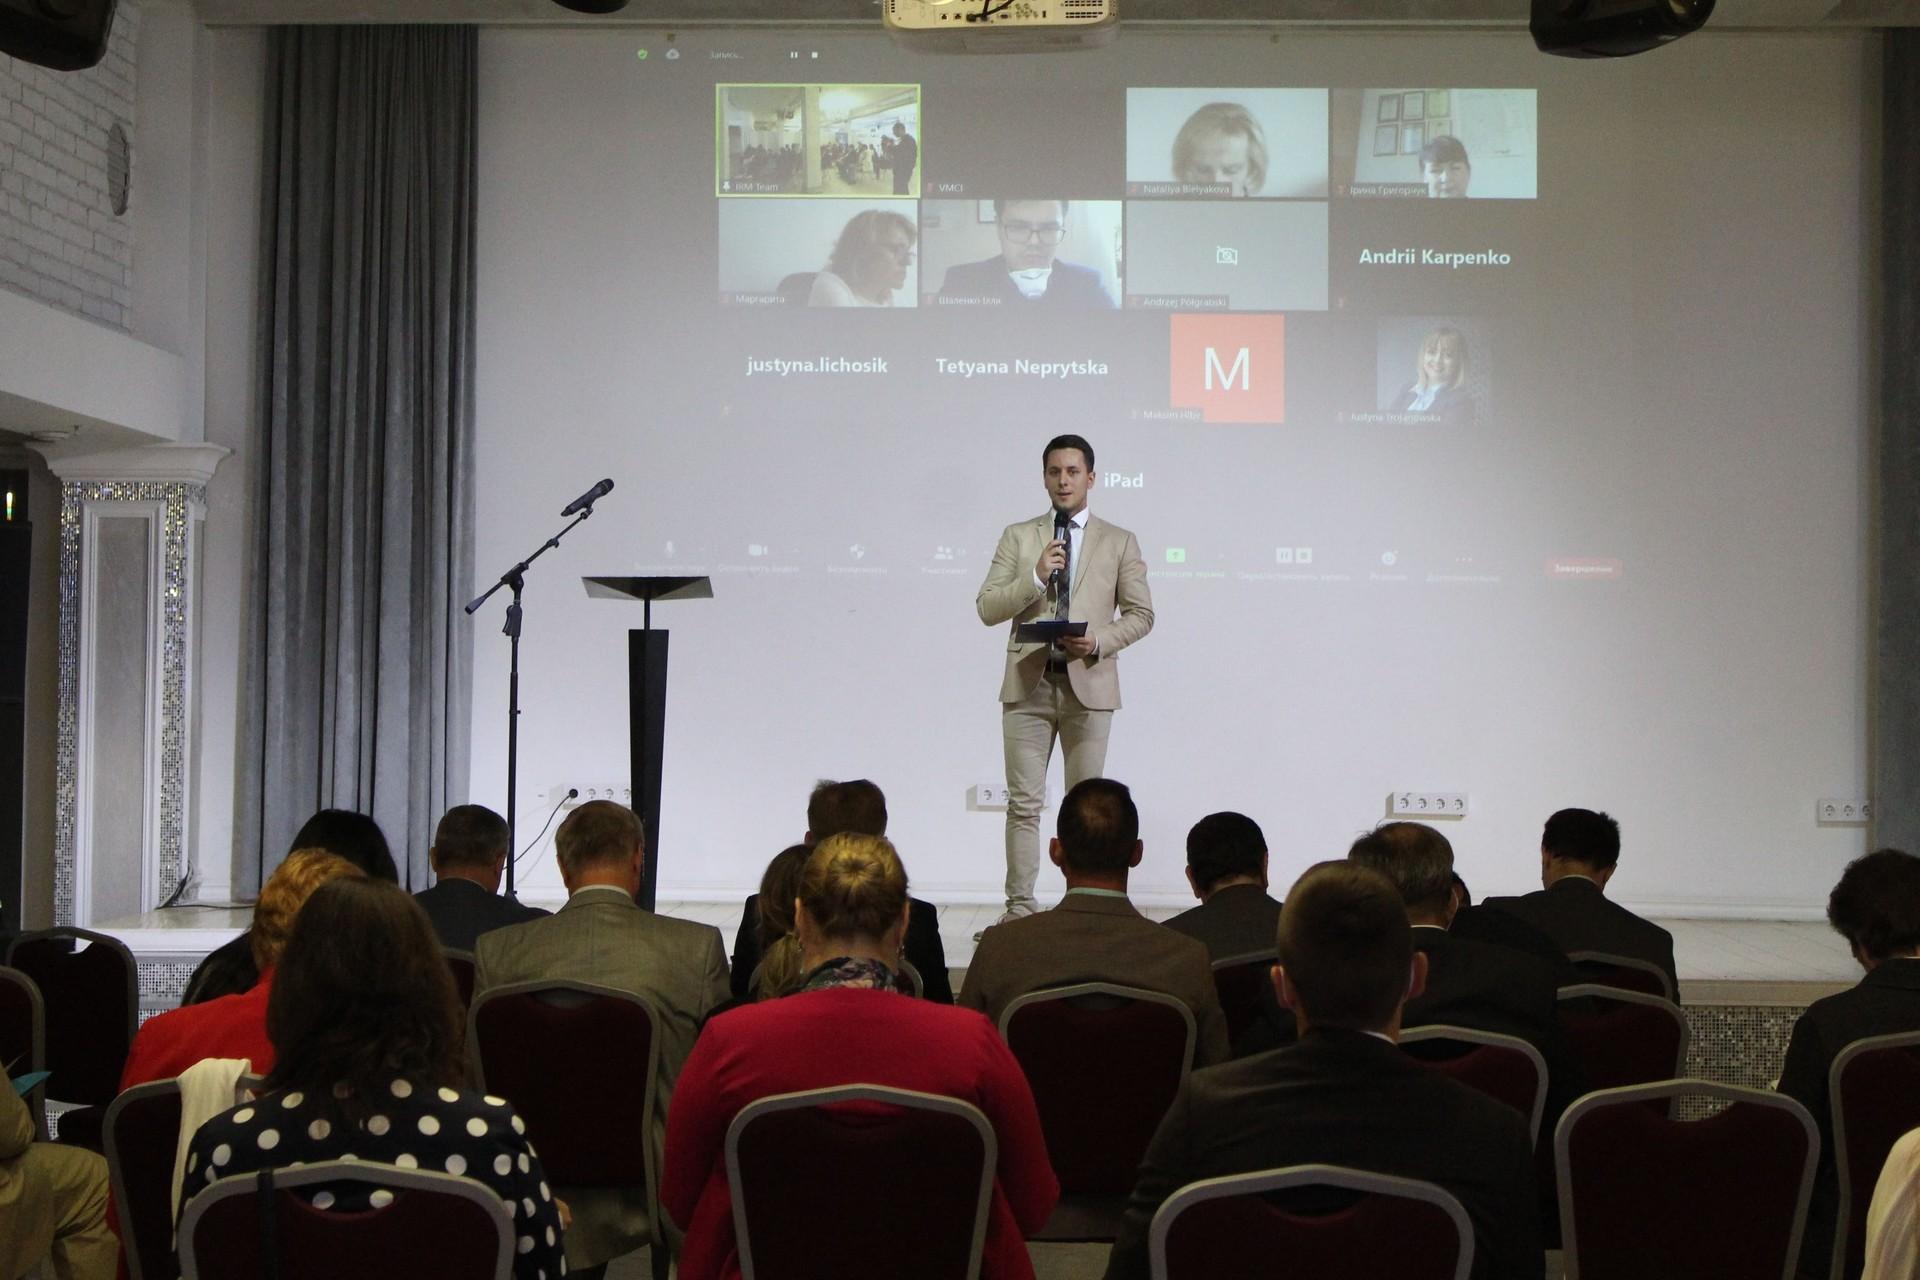 Перший міжнародний інноваційний форум у Вінниці об'єднав інноваторів, бізнес-спільноту та представників влади